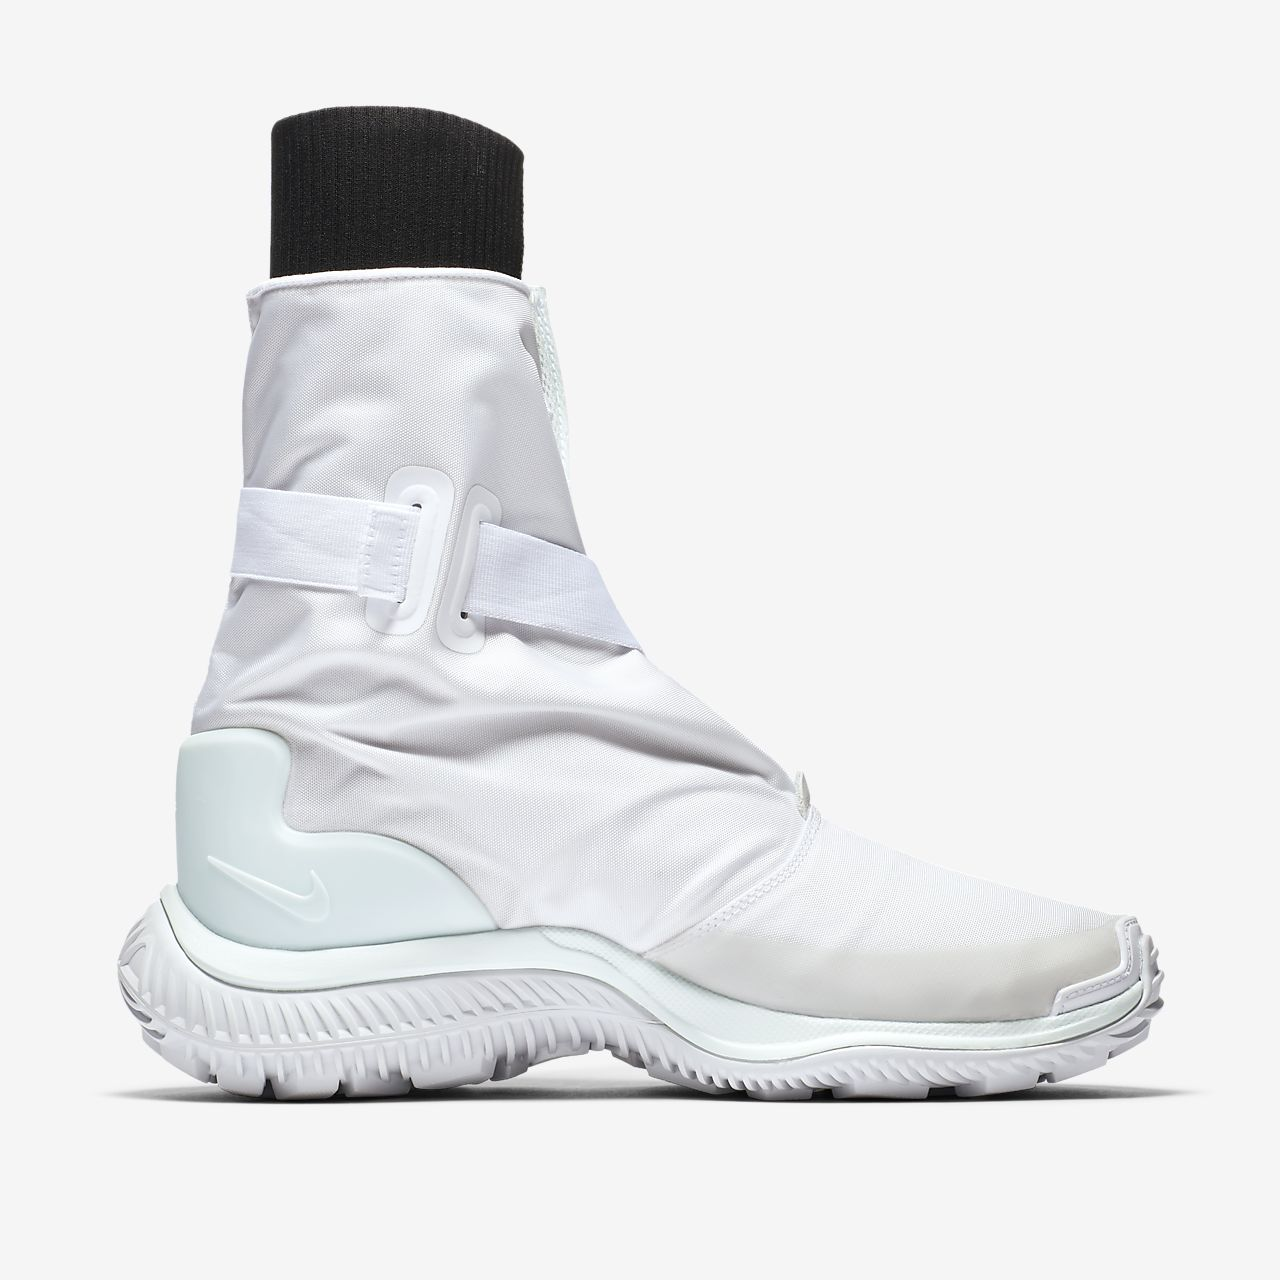 Low Resolution Nike Gaiter Women's Boot Nike Gaiter Women's Boot